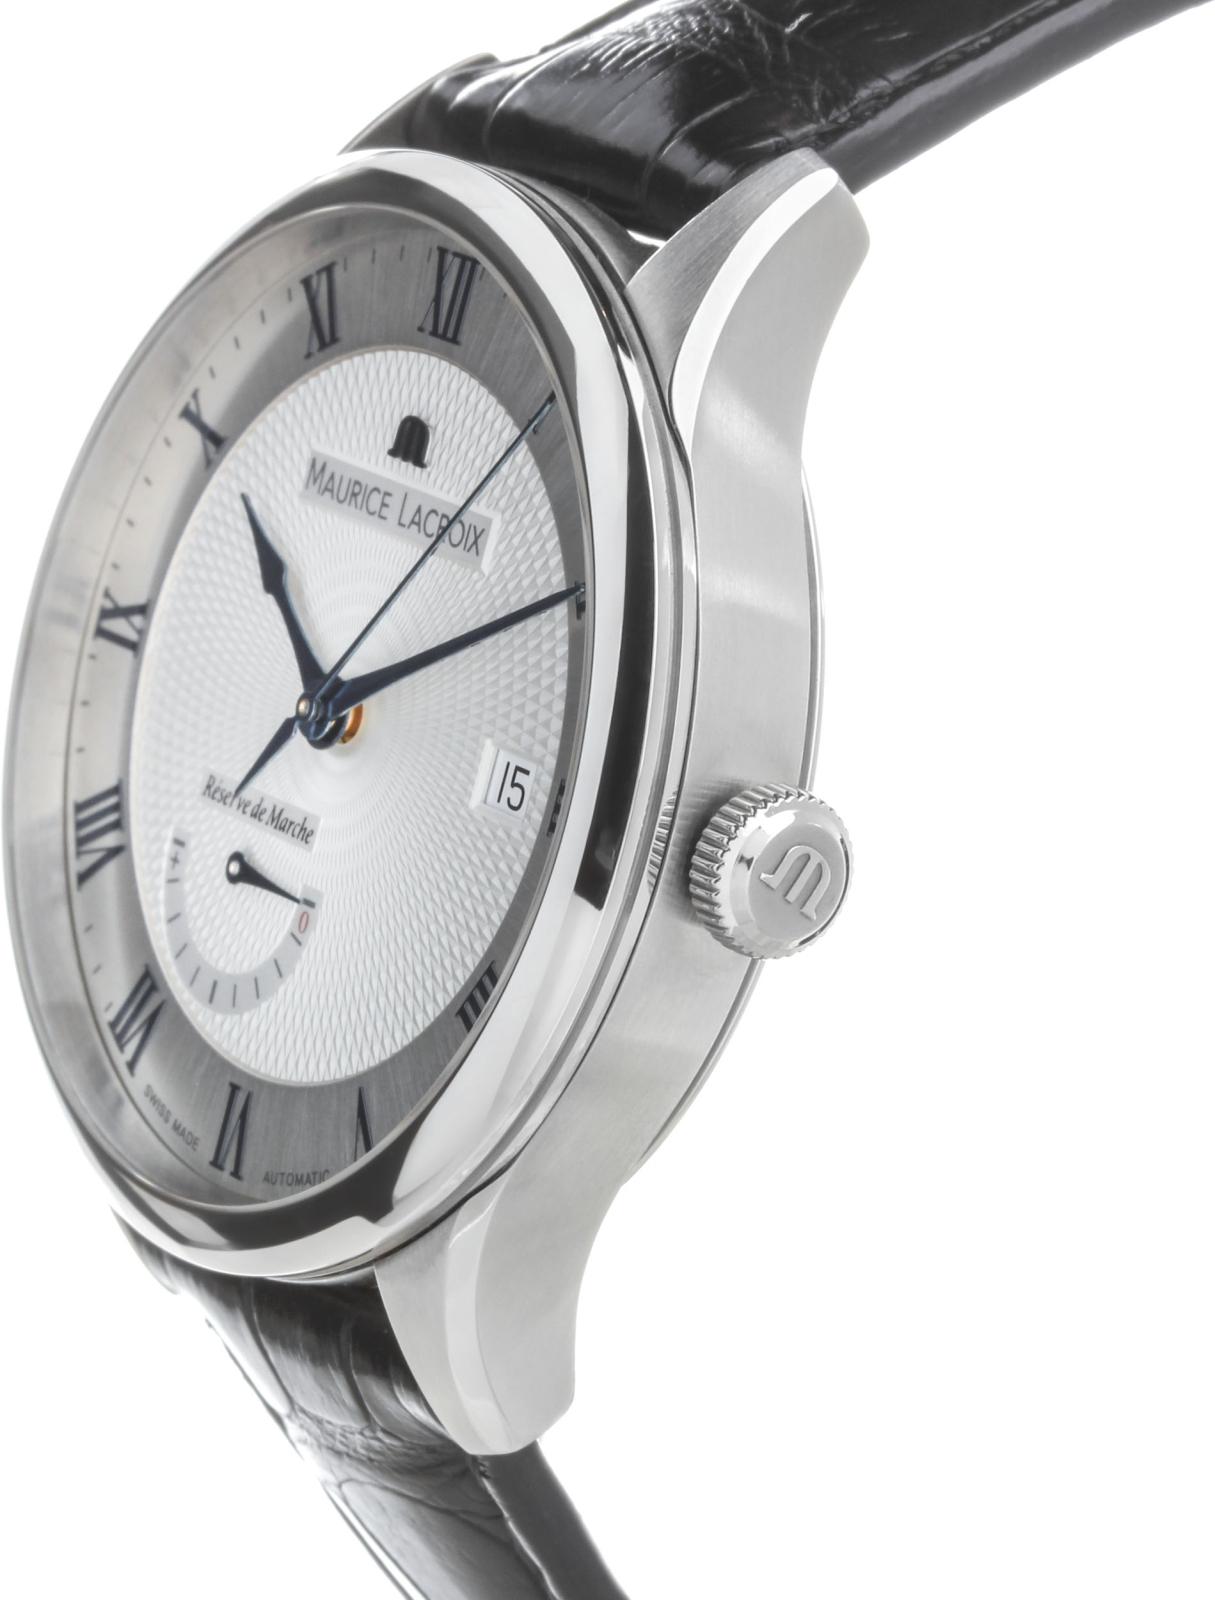 Maurice Lacroix Masterpiece MP6807-SS001-110Наручные часы<br>Швейцарские часы Maurice Lacroix Masterpiece MP6807-SS001-110Часы принадежат коллекции Masterpiece. Это великолепные Мужские часы. Материал корпуса часов — Сталь. Ремень — Кожа. Стекло - Сапфировое. Водозащита этих часов 50 м. Диаметр корпуса часов составляет 40мм.<br><br>Пол: Мужские<br>Страна-производитель: Швейцария<br>Механизм: Механический<br>Материал корпуса: Сталь<br>Материал ремня/браслета: Кожа<br>Водозащита, диапазон: 20 - 100 м<br>Стекло: Сапфировое<br>Толщина корпуса: None<br>Стиль: None